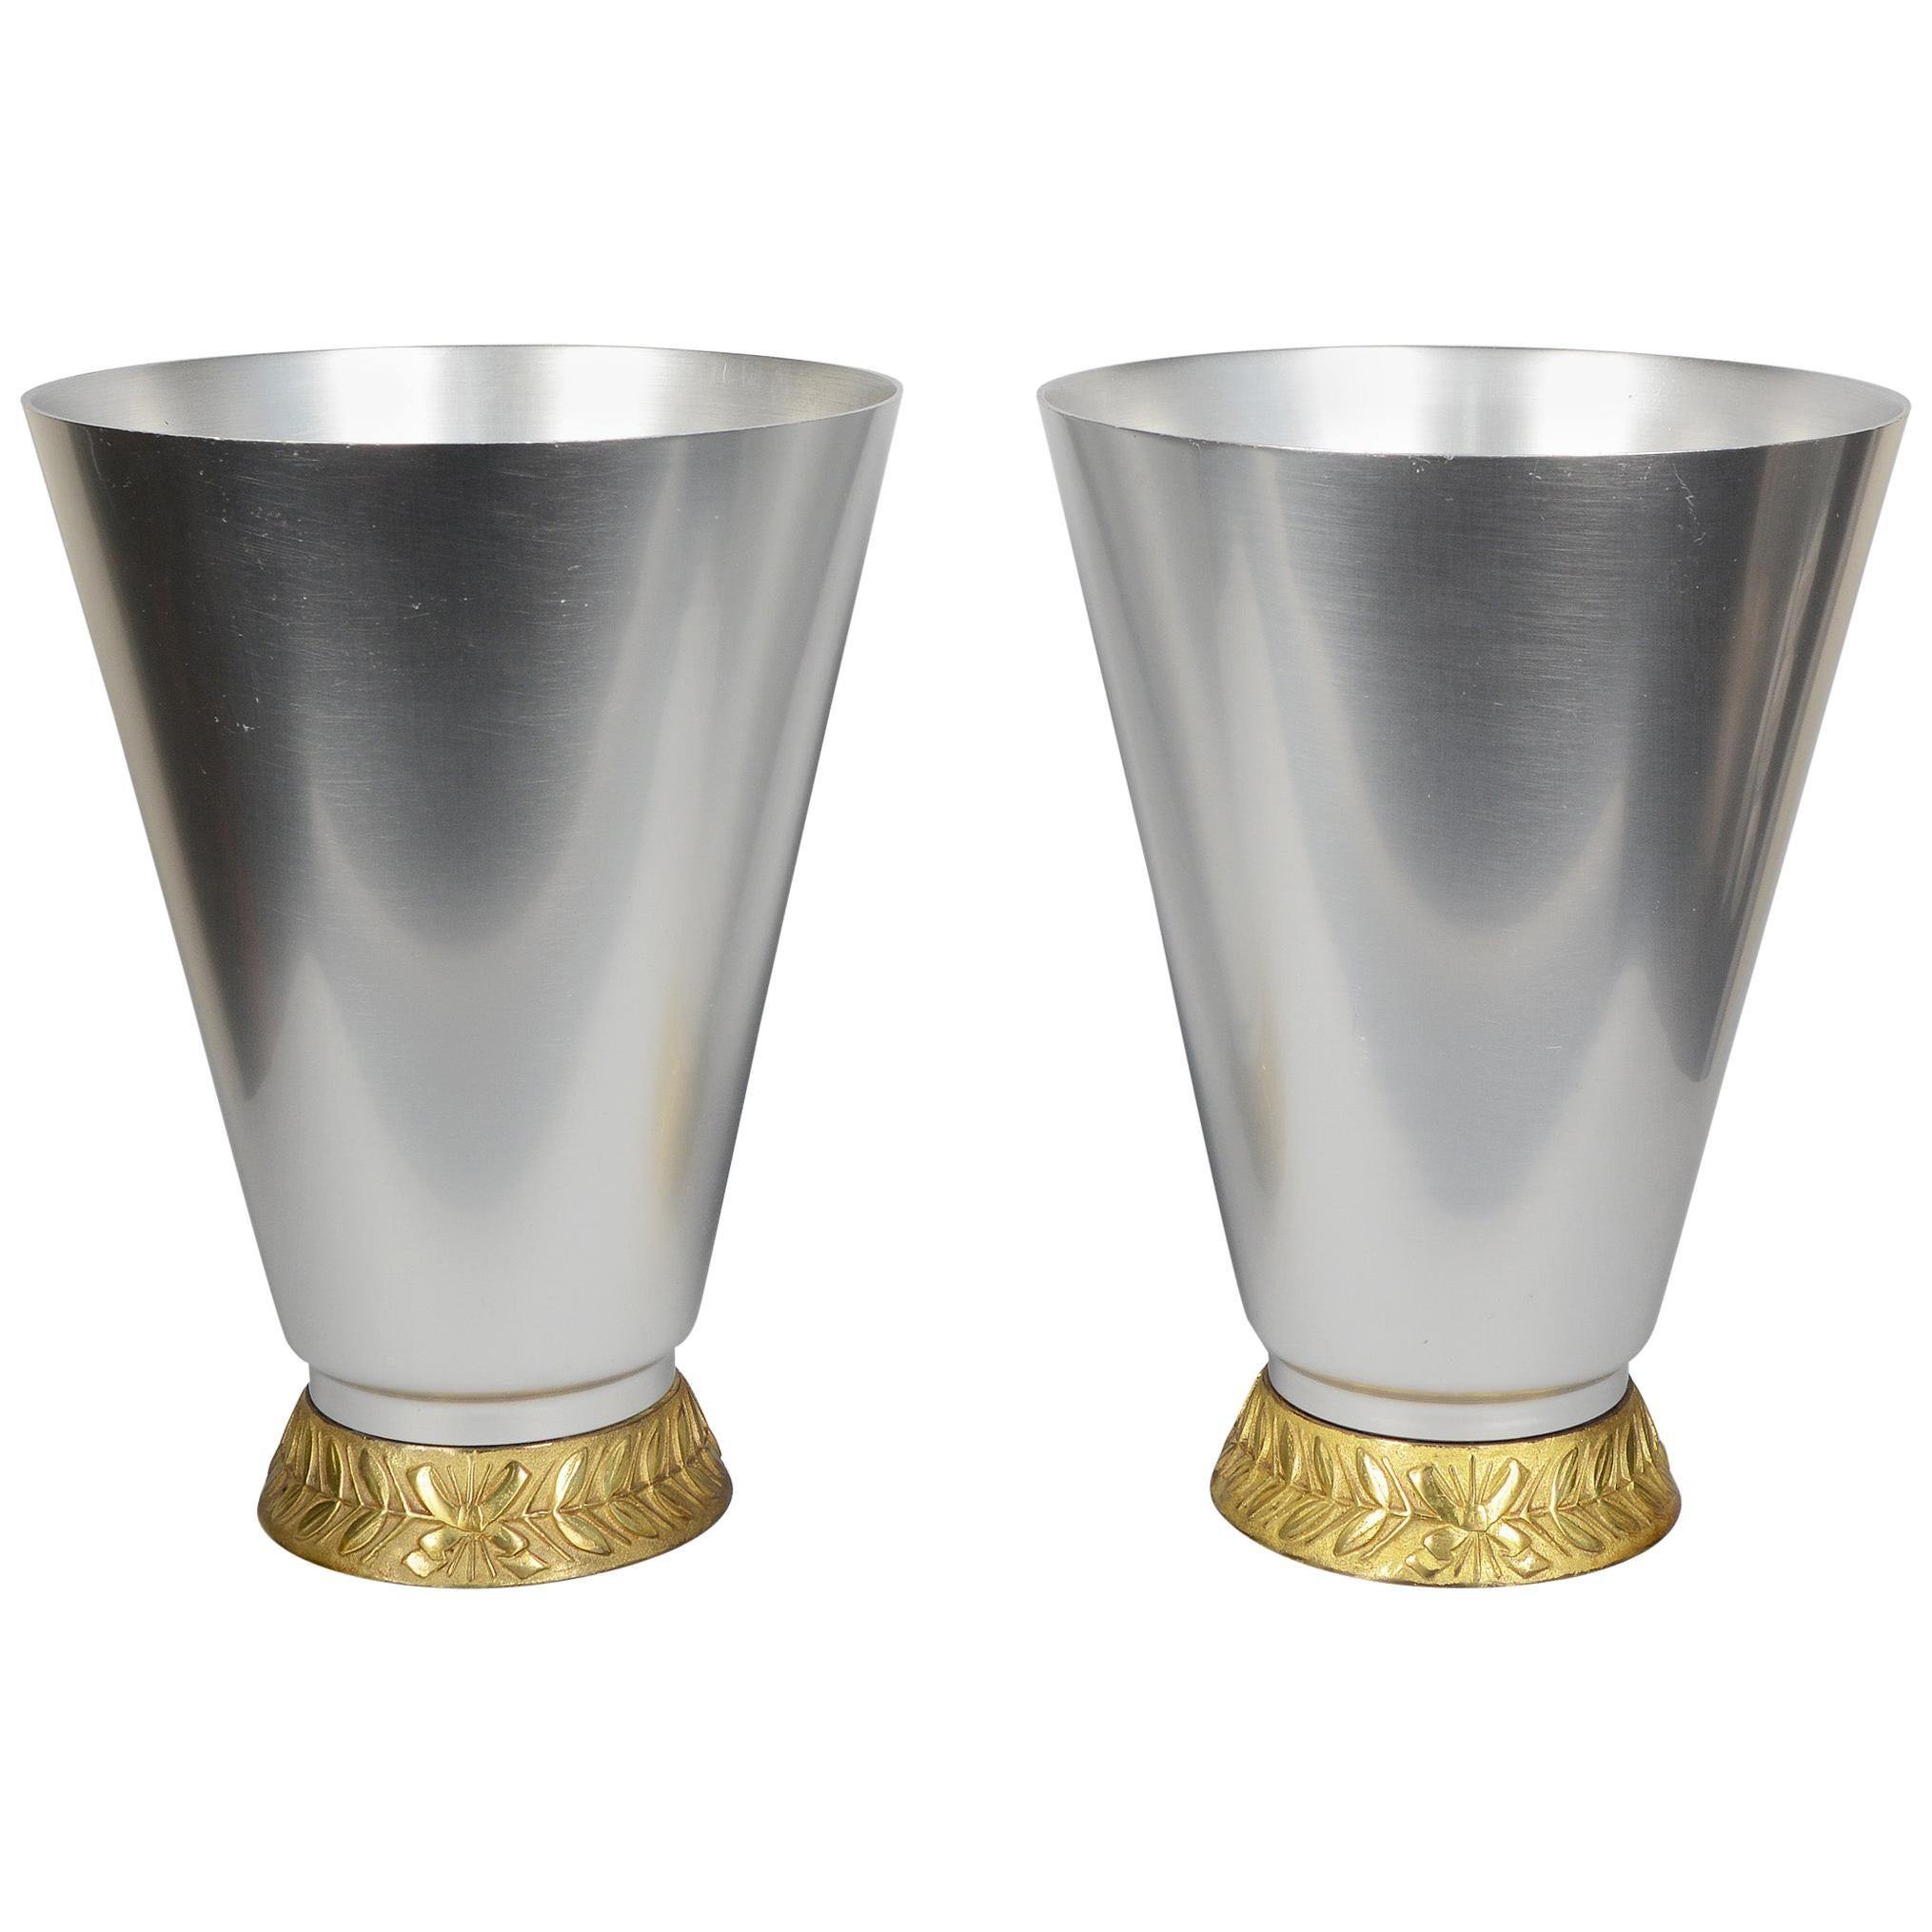 Pair of Aluminum Art Deco Kensington Marlborough Vases by Lurelle Guild